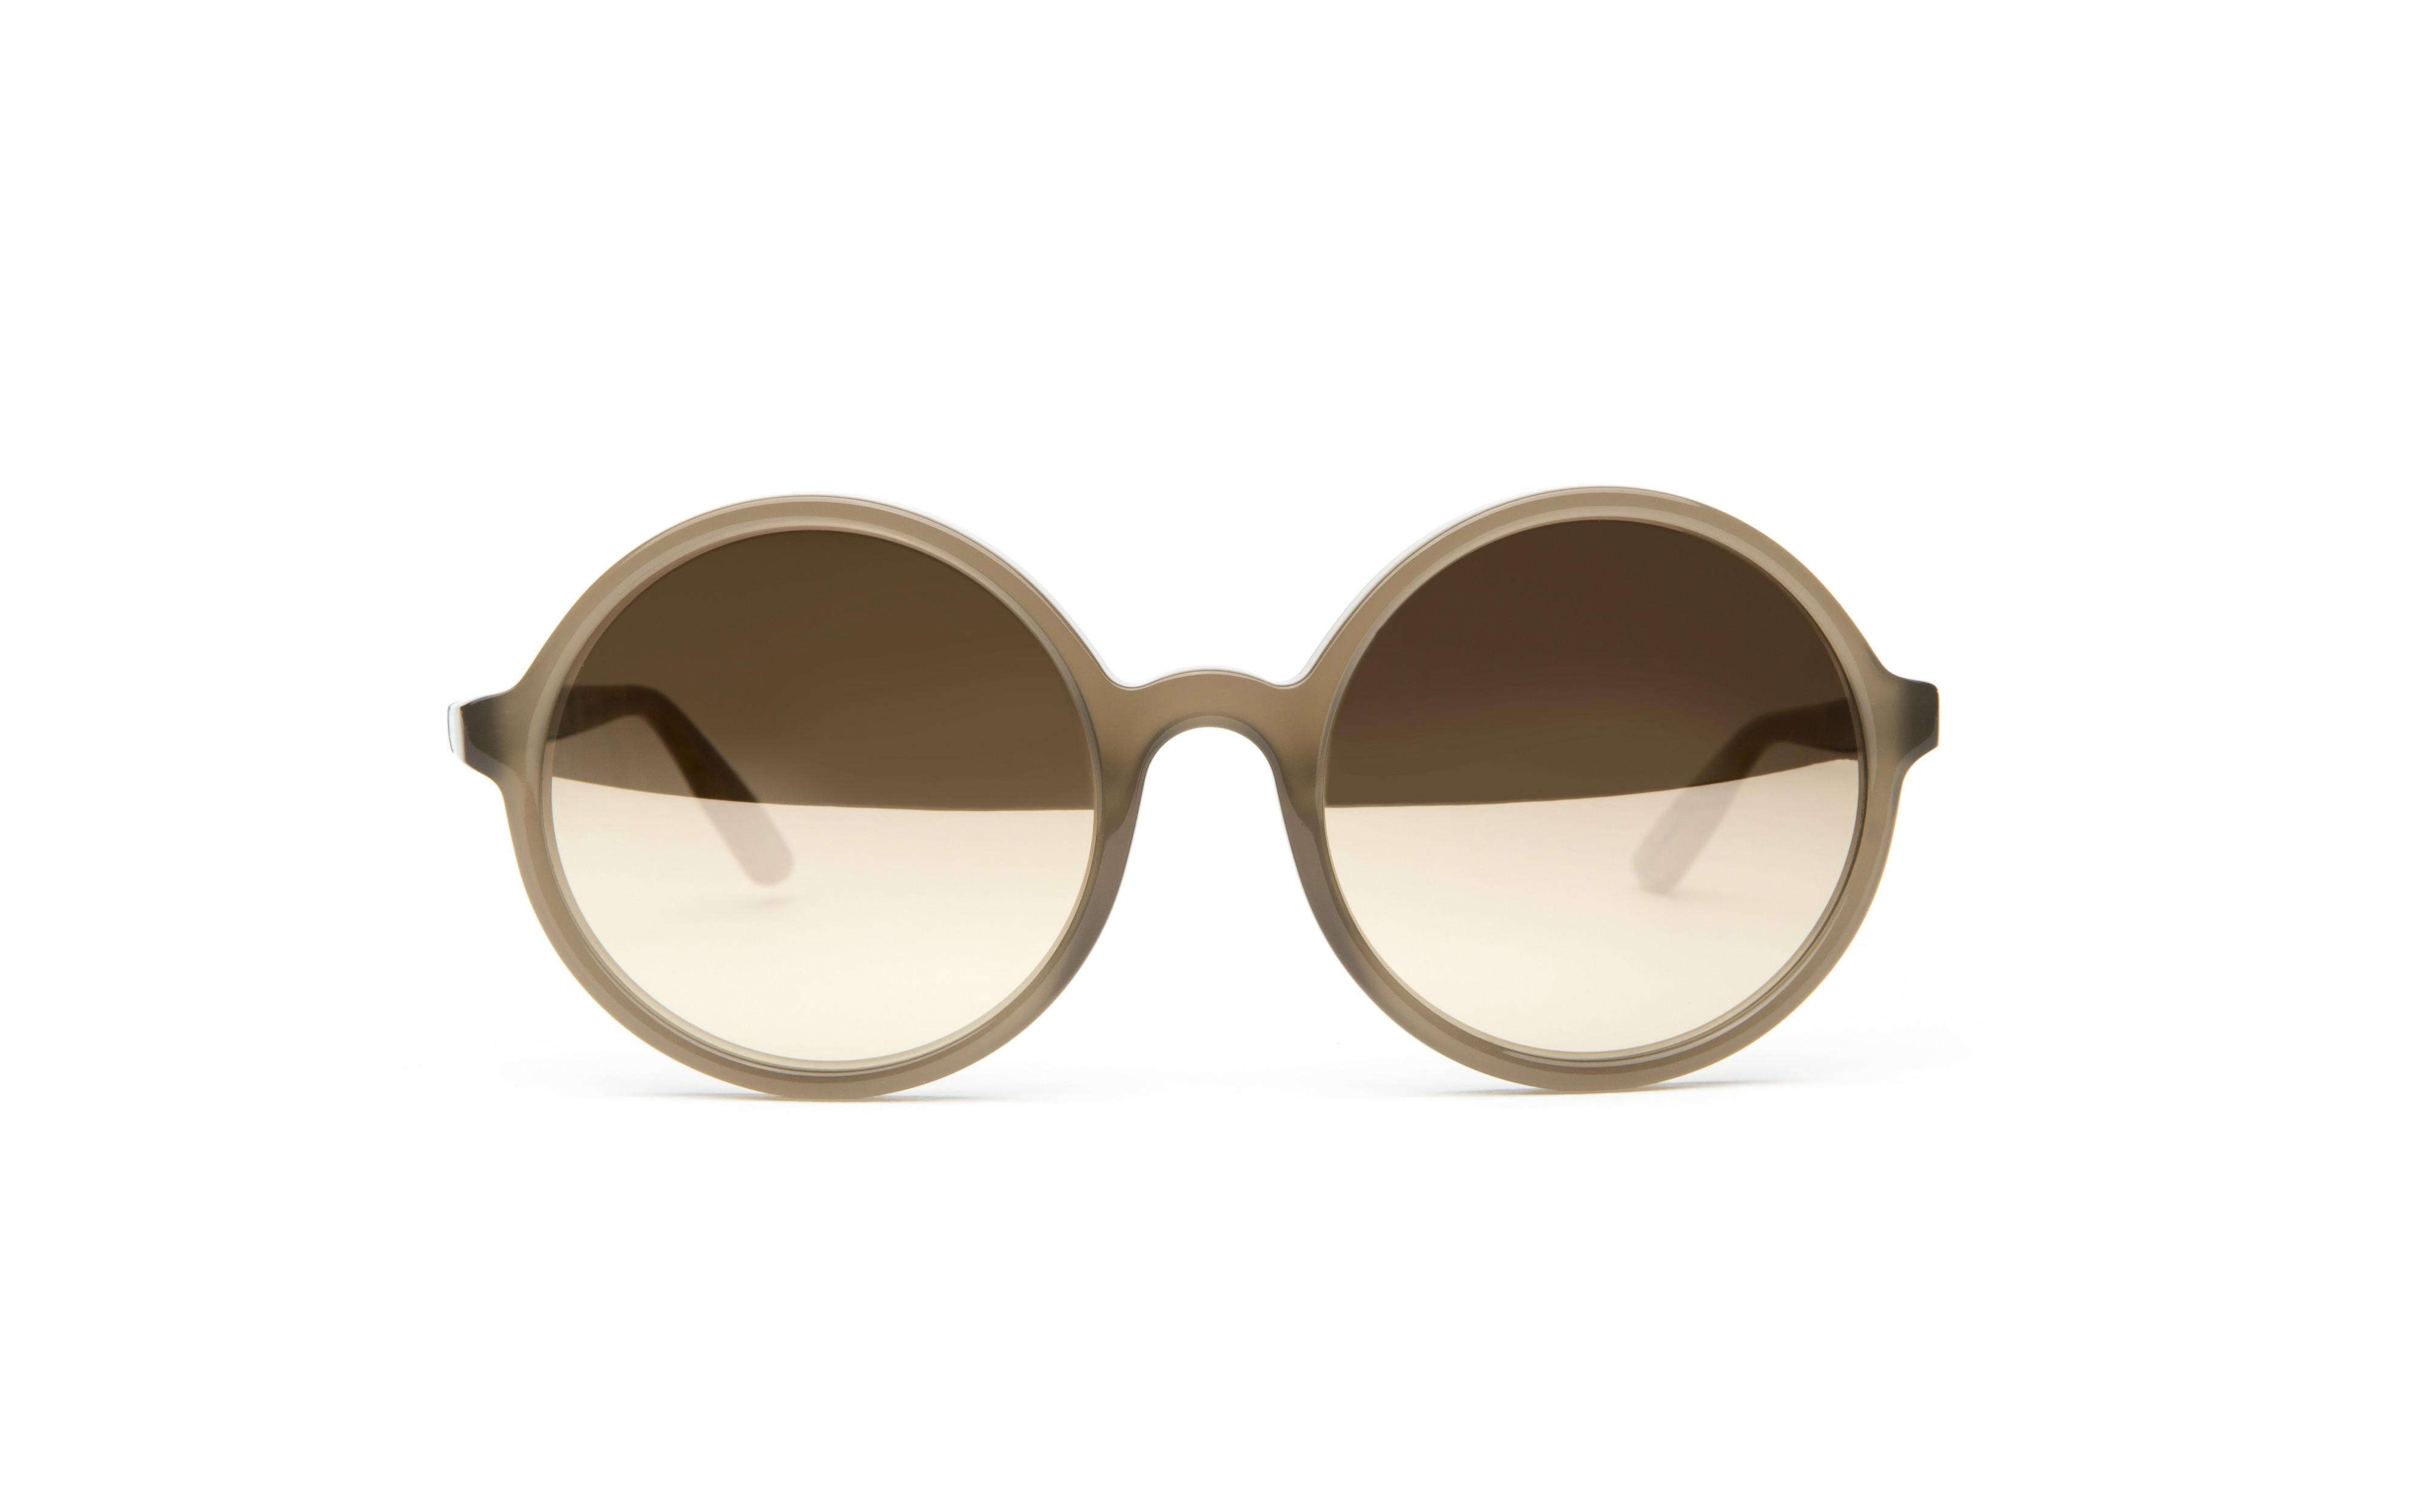 Rise Sunglasses - Twig